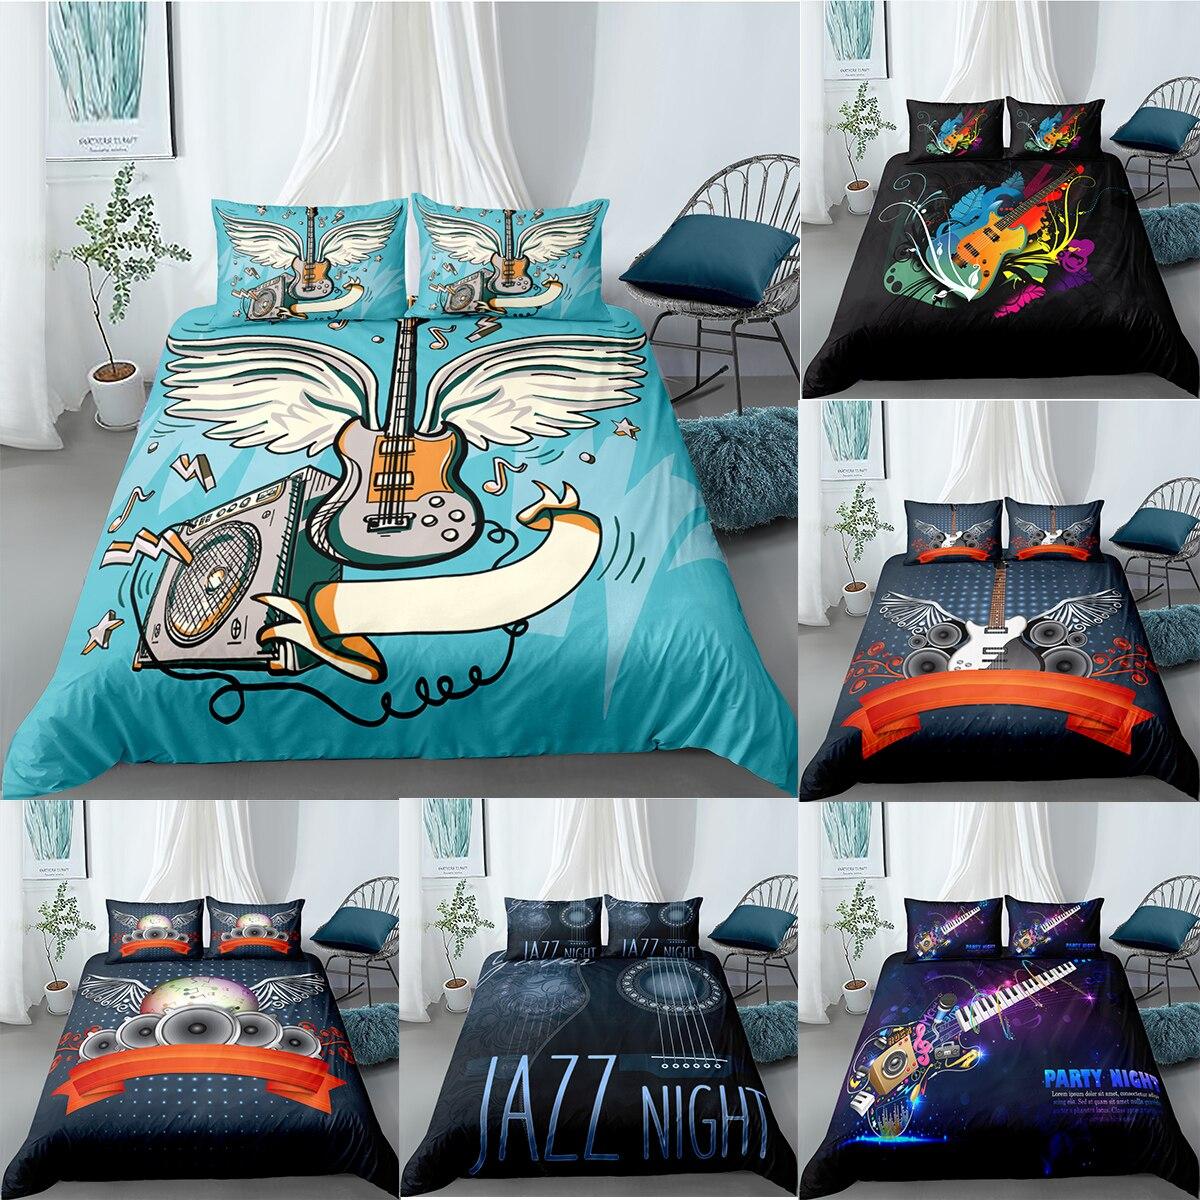 طقم سرير الموسيقى الإبداعية الغيتار الموسيقى ملاحظة حاف الغطاء الملكة غطاء سرير ملكي المعزي غطاء الغيتار المفارش غطاء لحاف